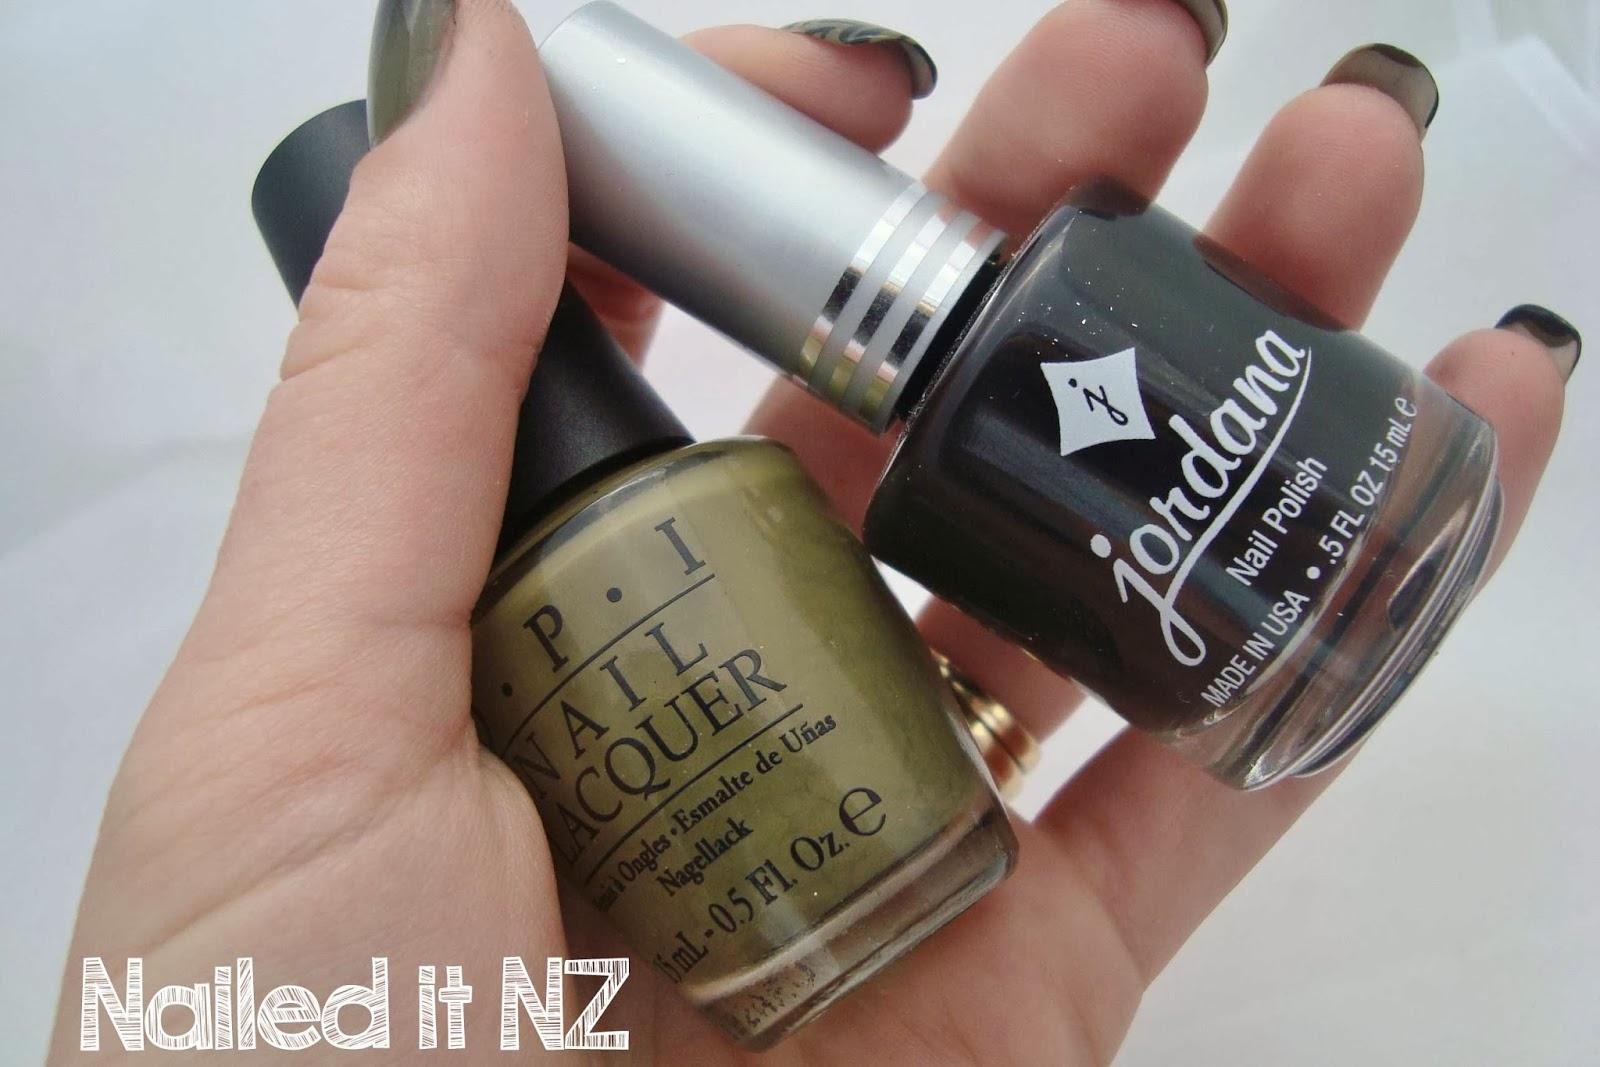 Two-Polish Nails - Khaki and Black | Trip Down Nail Art Lane Day 2